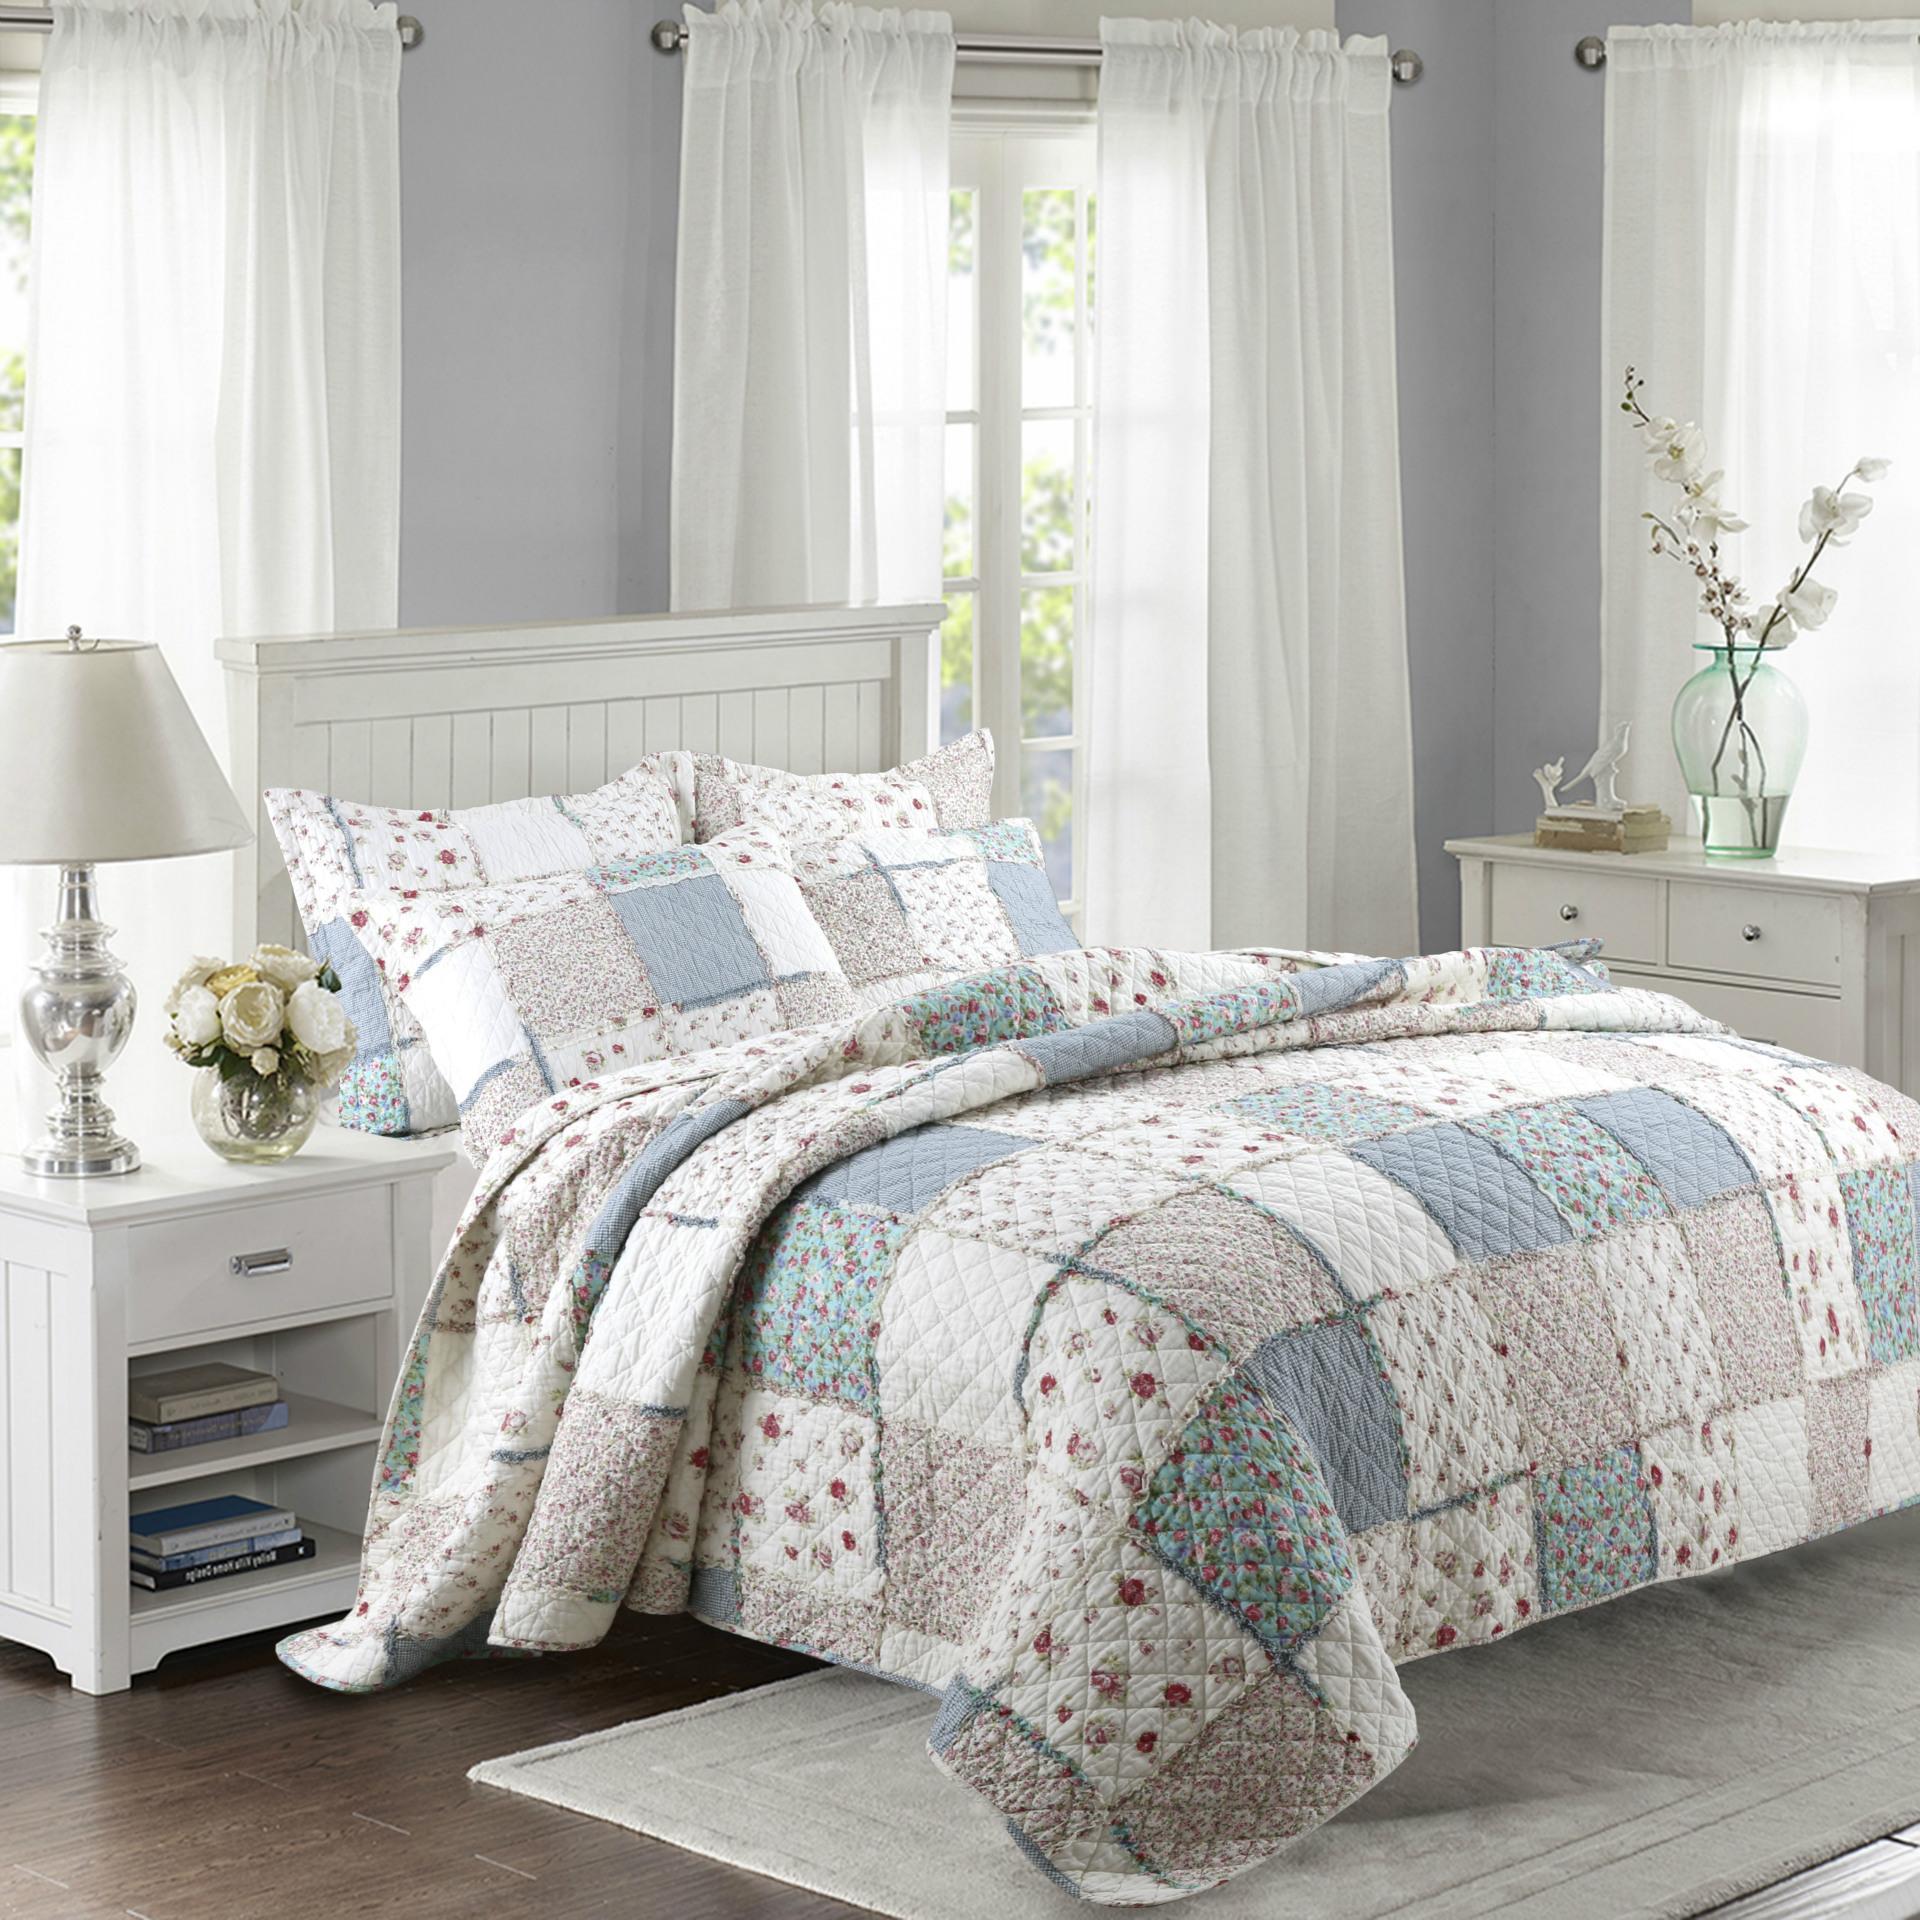 Rosa Blu americano Europa floreale copriletto impostato King Size cotone patchwork quilting Quilts Blanket Pastorale trapuntato copriletto Coperte